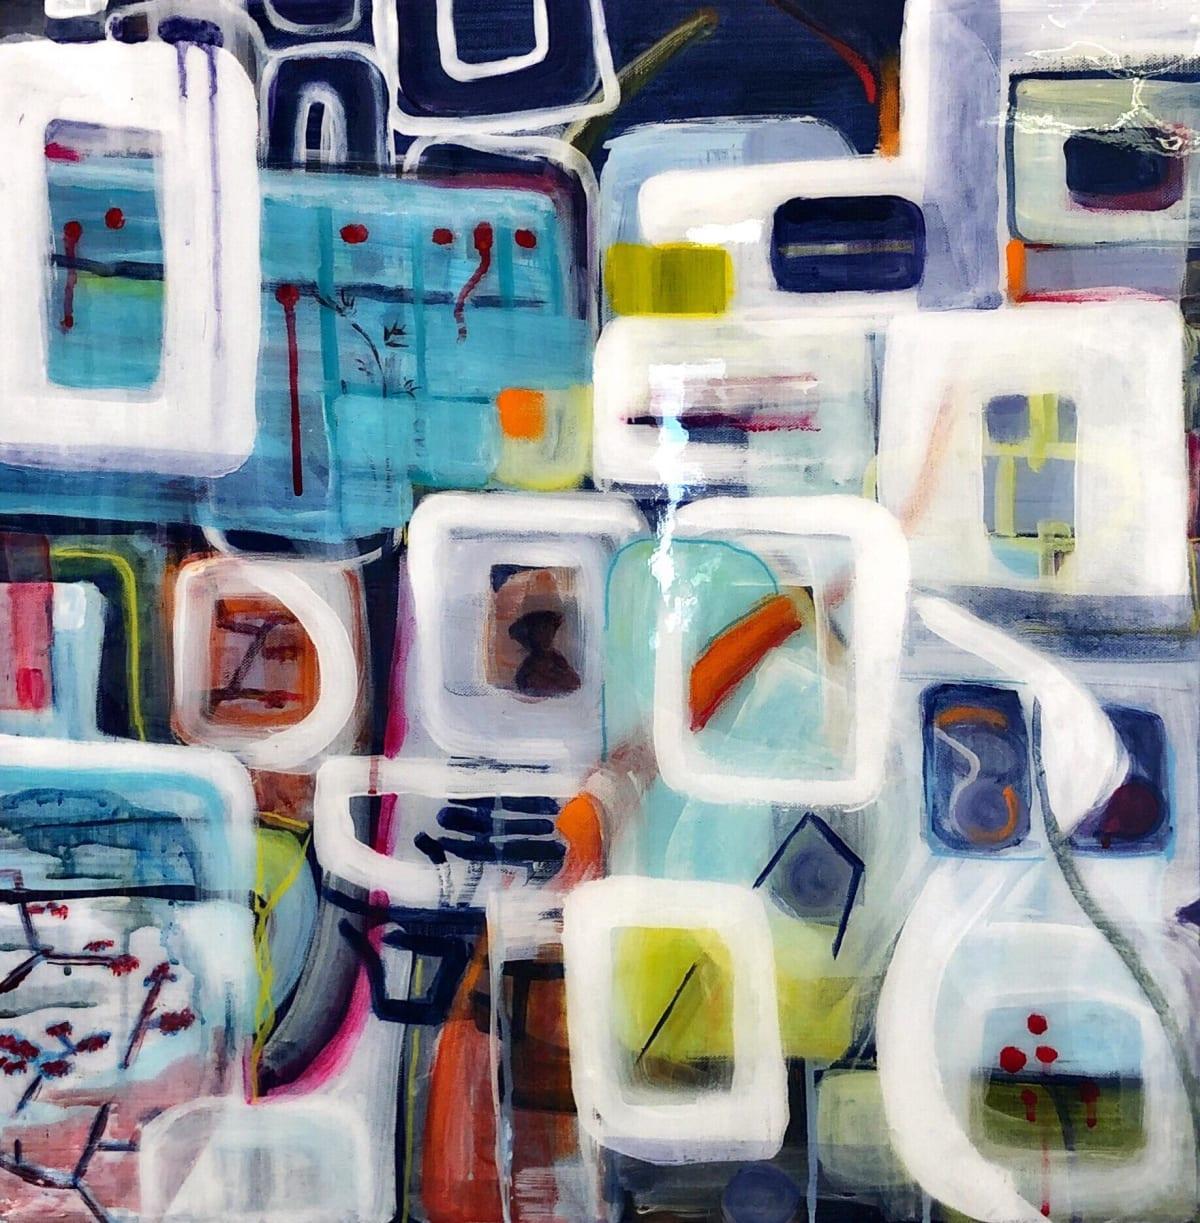 Putney School of Art and Design, Kira Behnert, Floating Memories